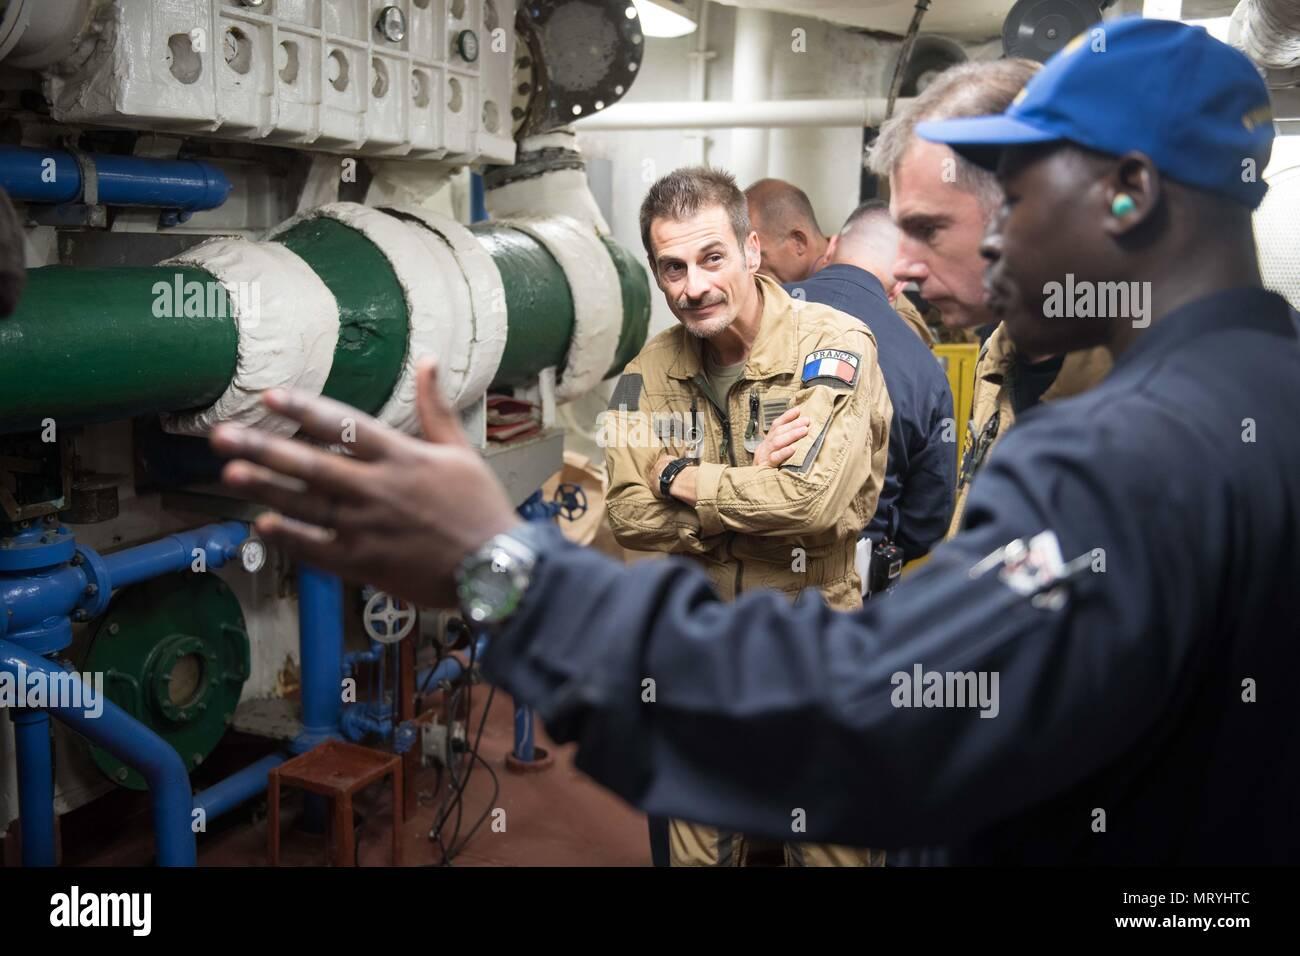 Aft Main Machinery Room Stock Photos & Aft Main Machinery Room Stock